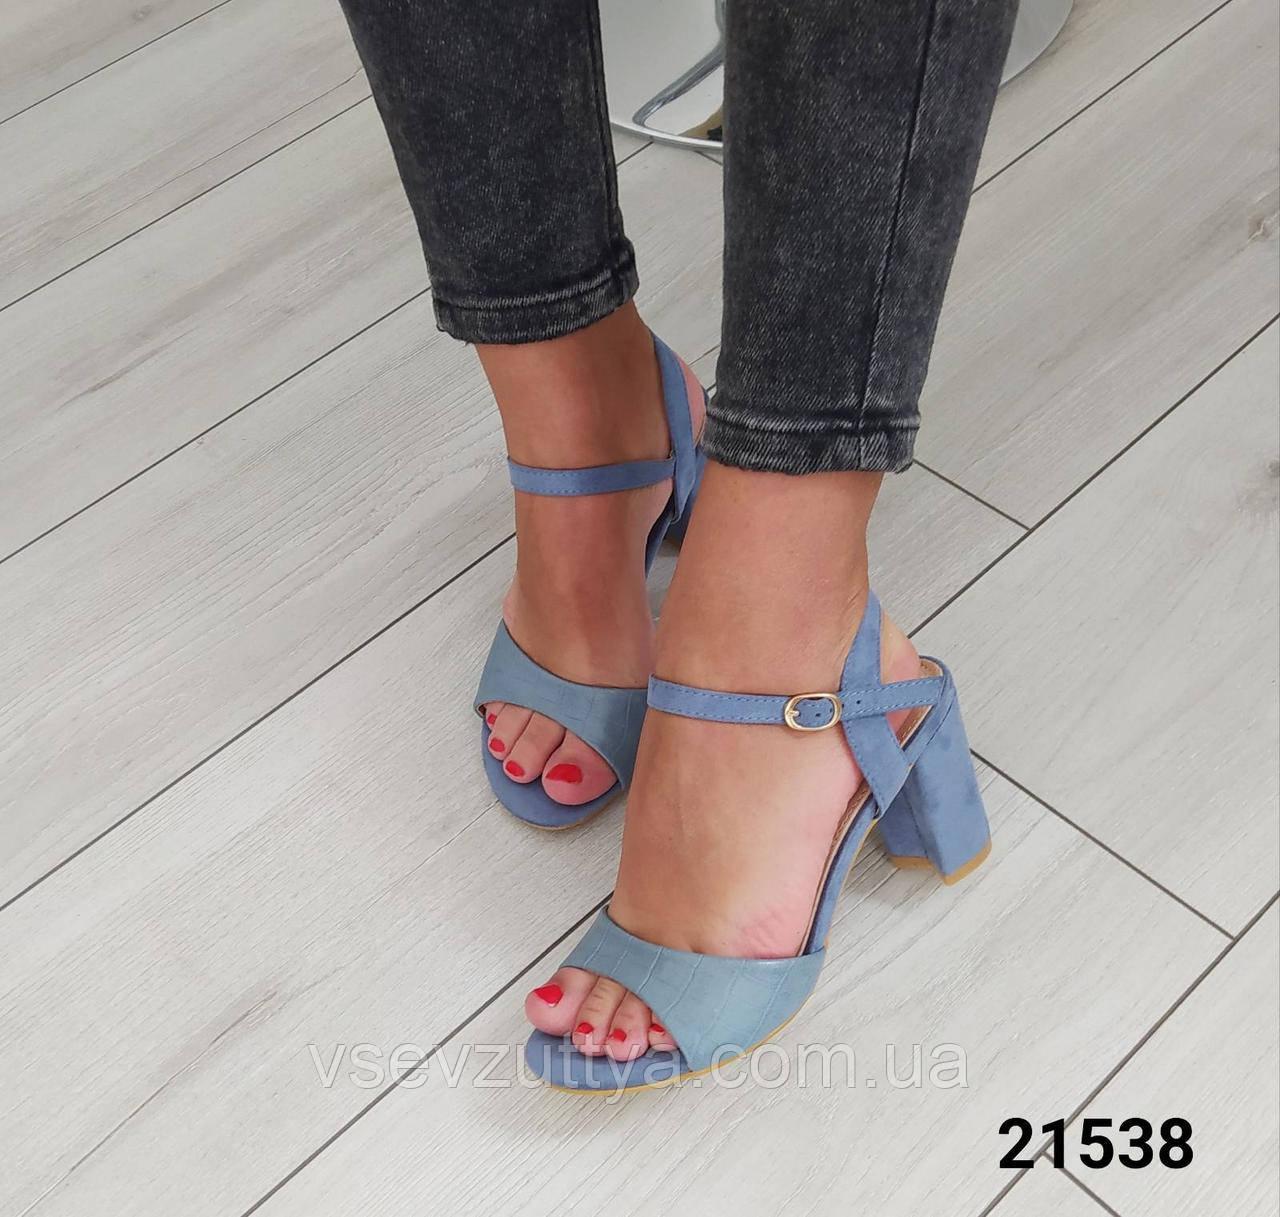 Босоніжки жіночі голубі на каблуку